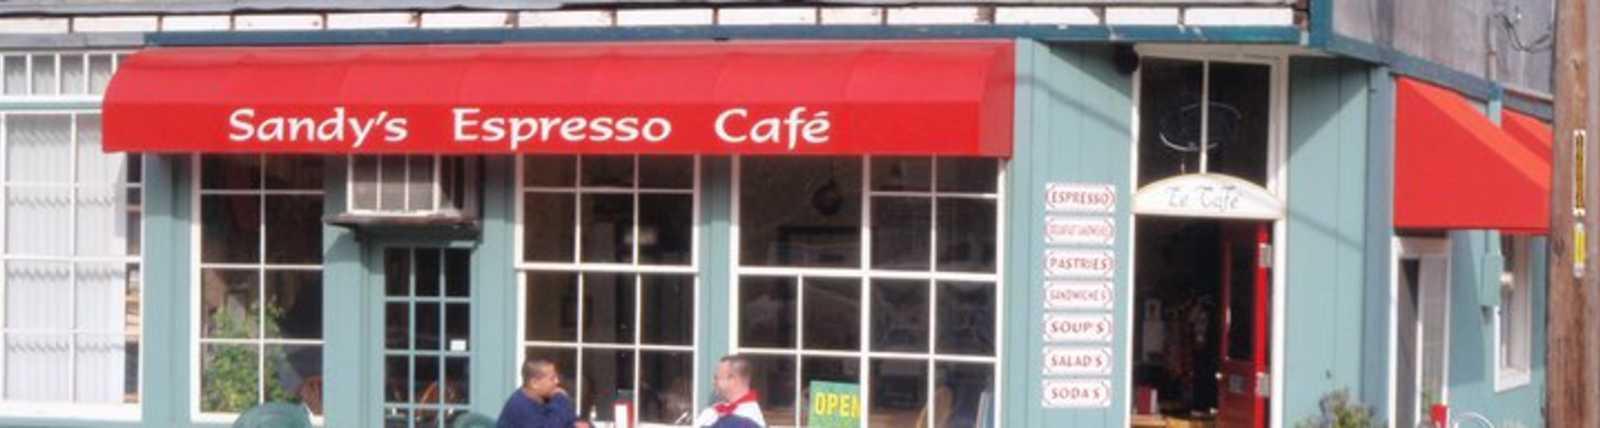 Friendz Cafe